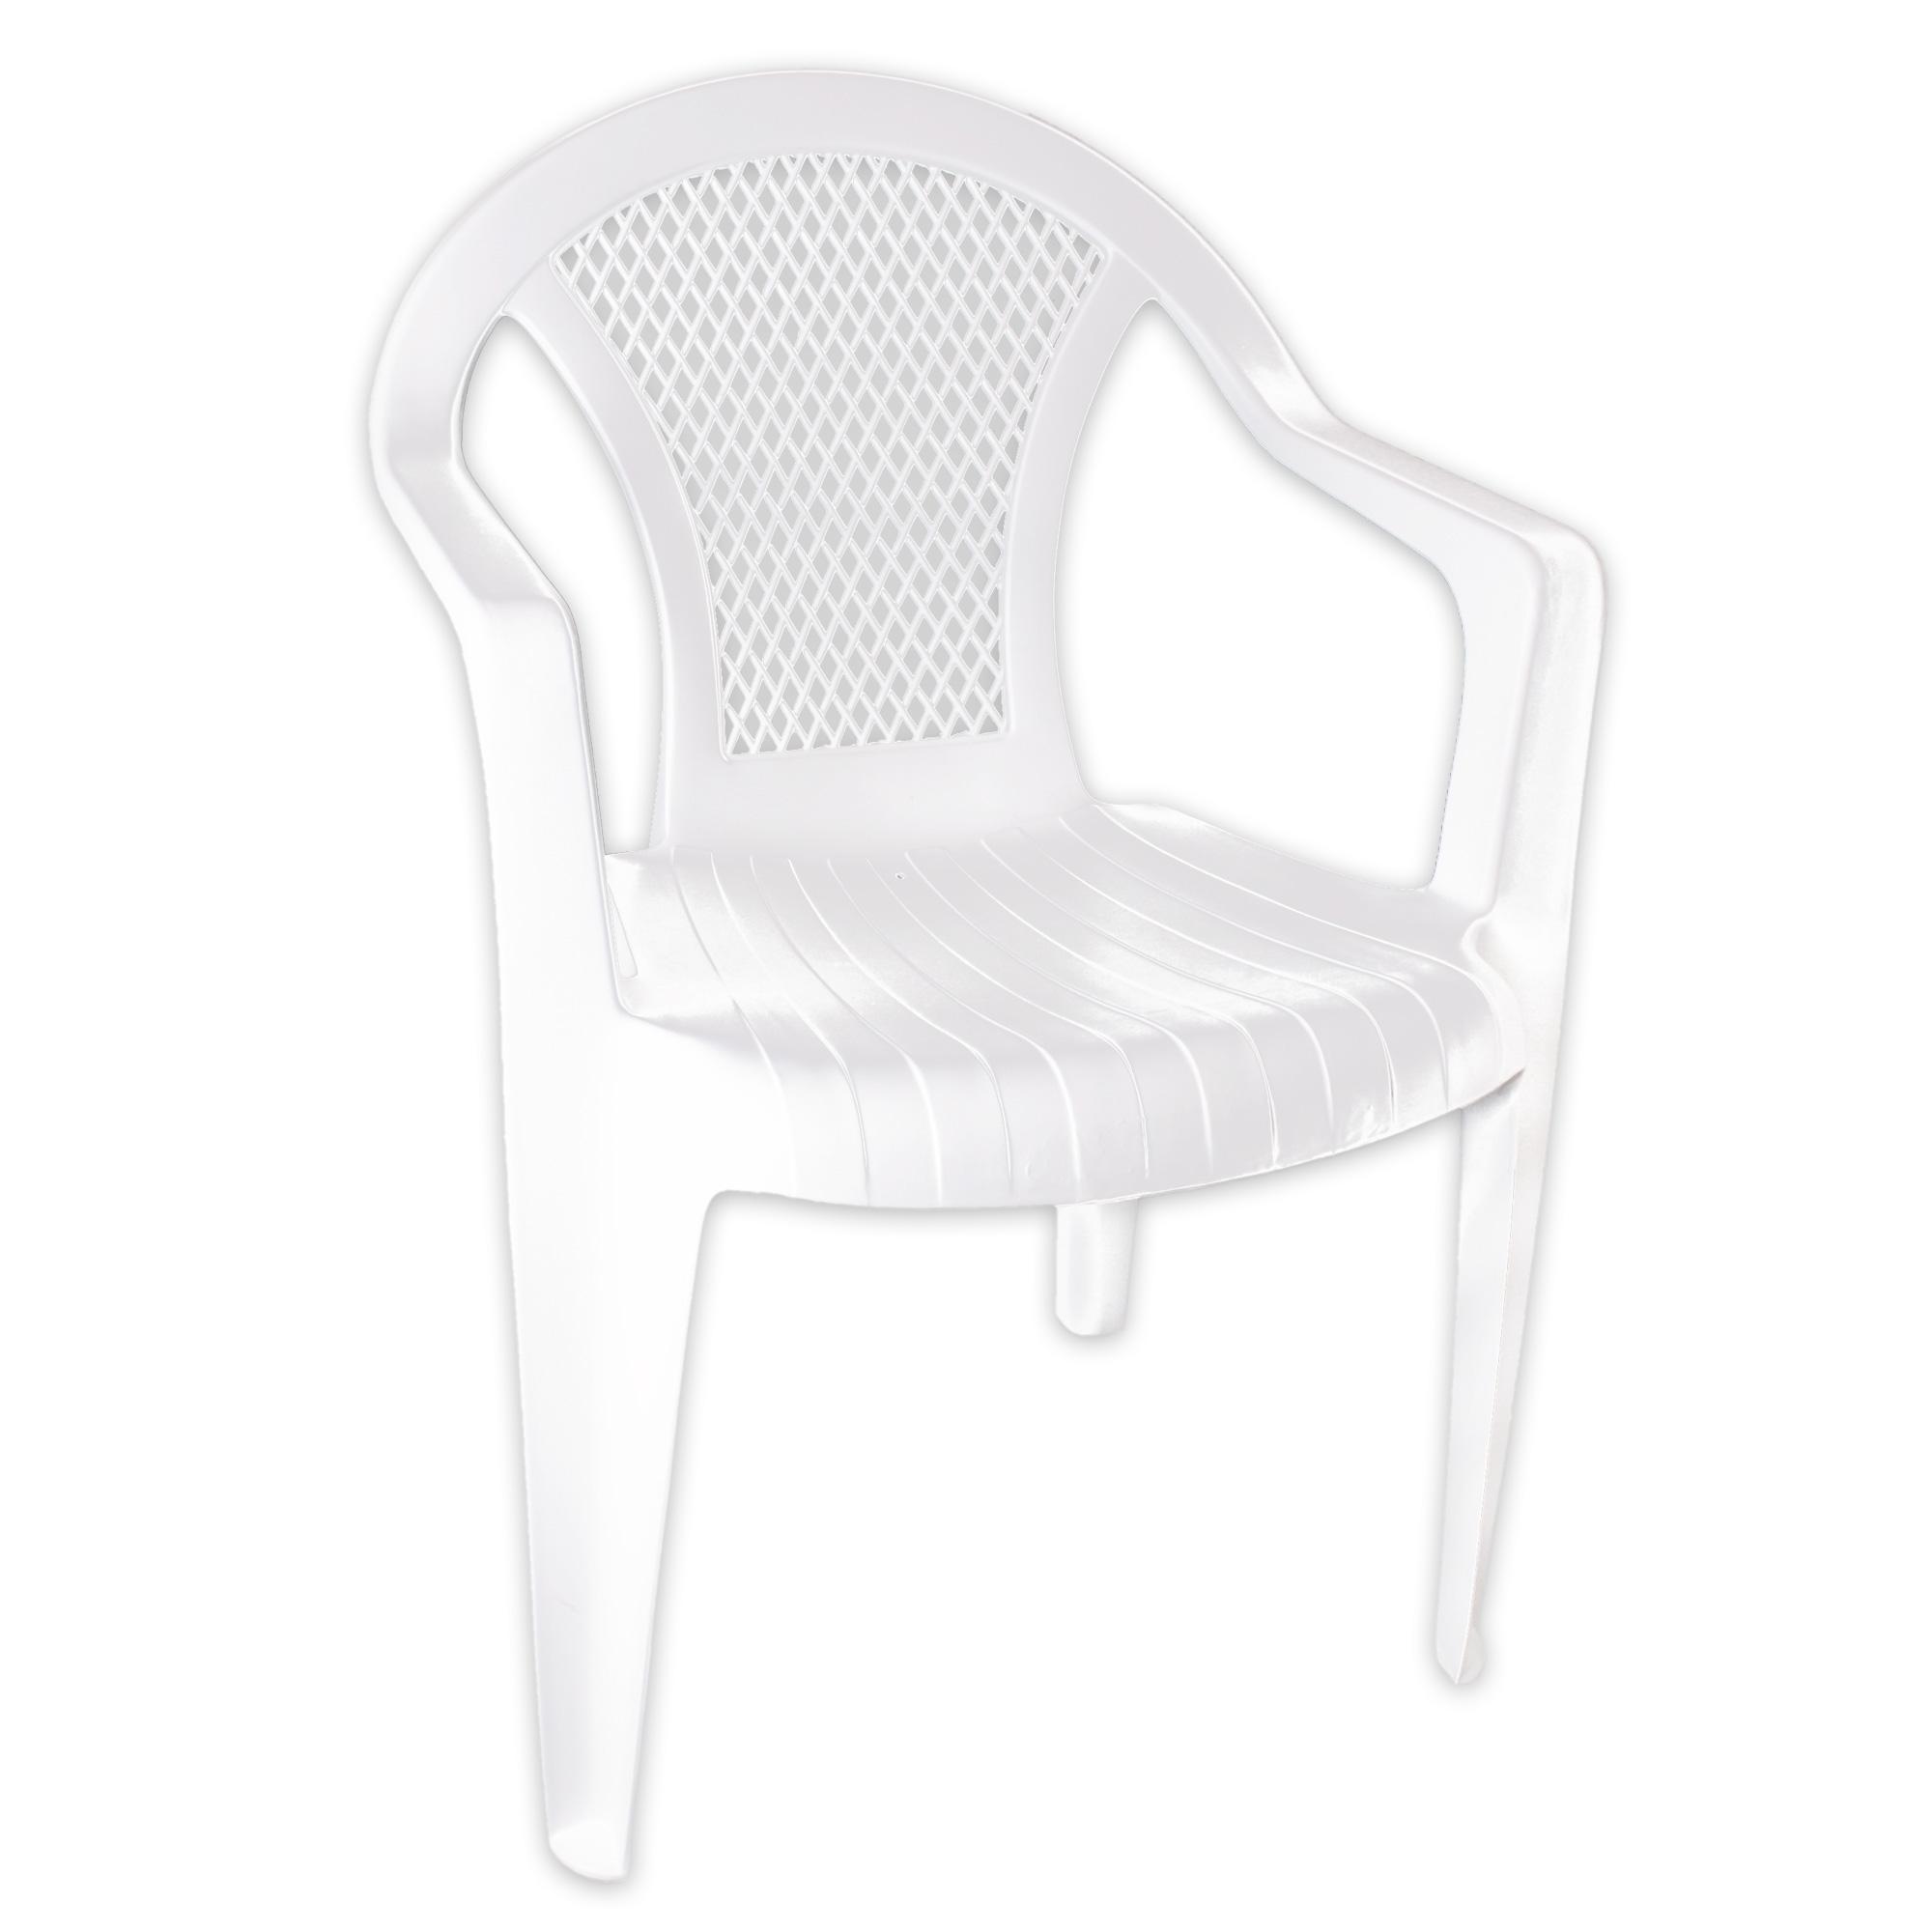 Chaise de jardin bistrot balcon mobilier blanc - Chaise de balcon ...